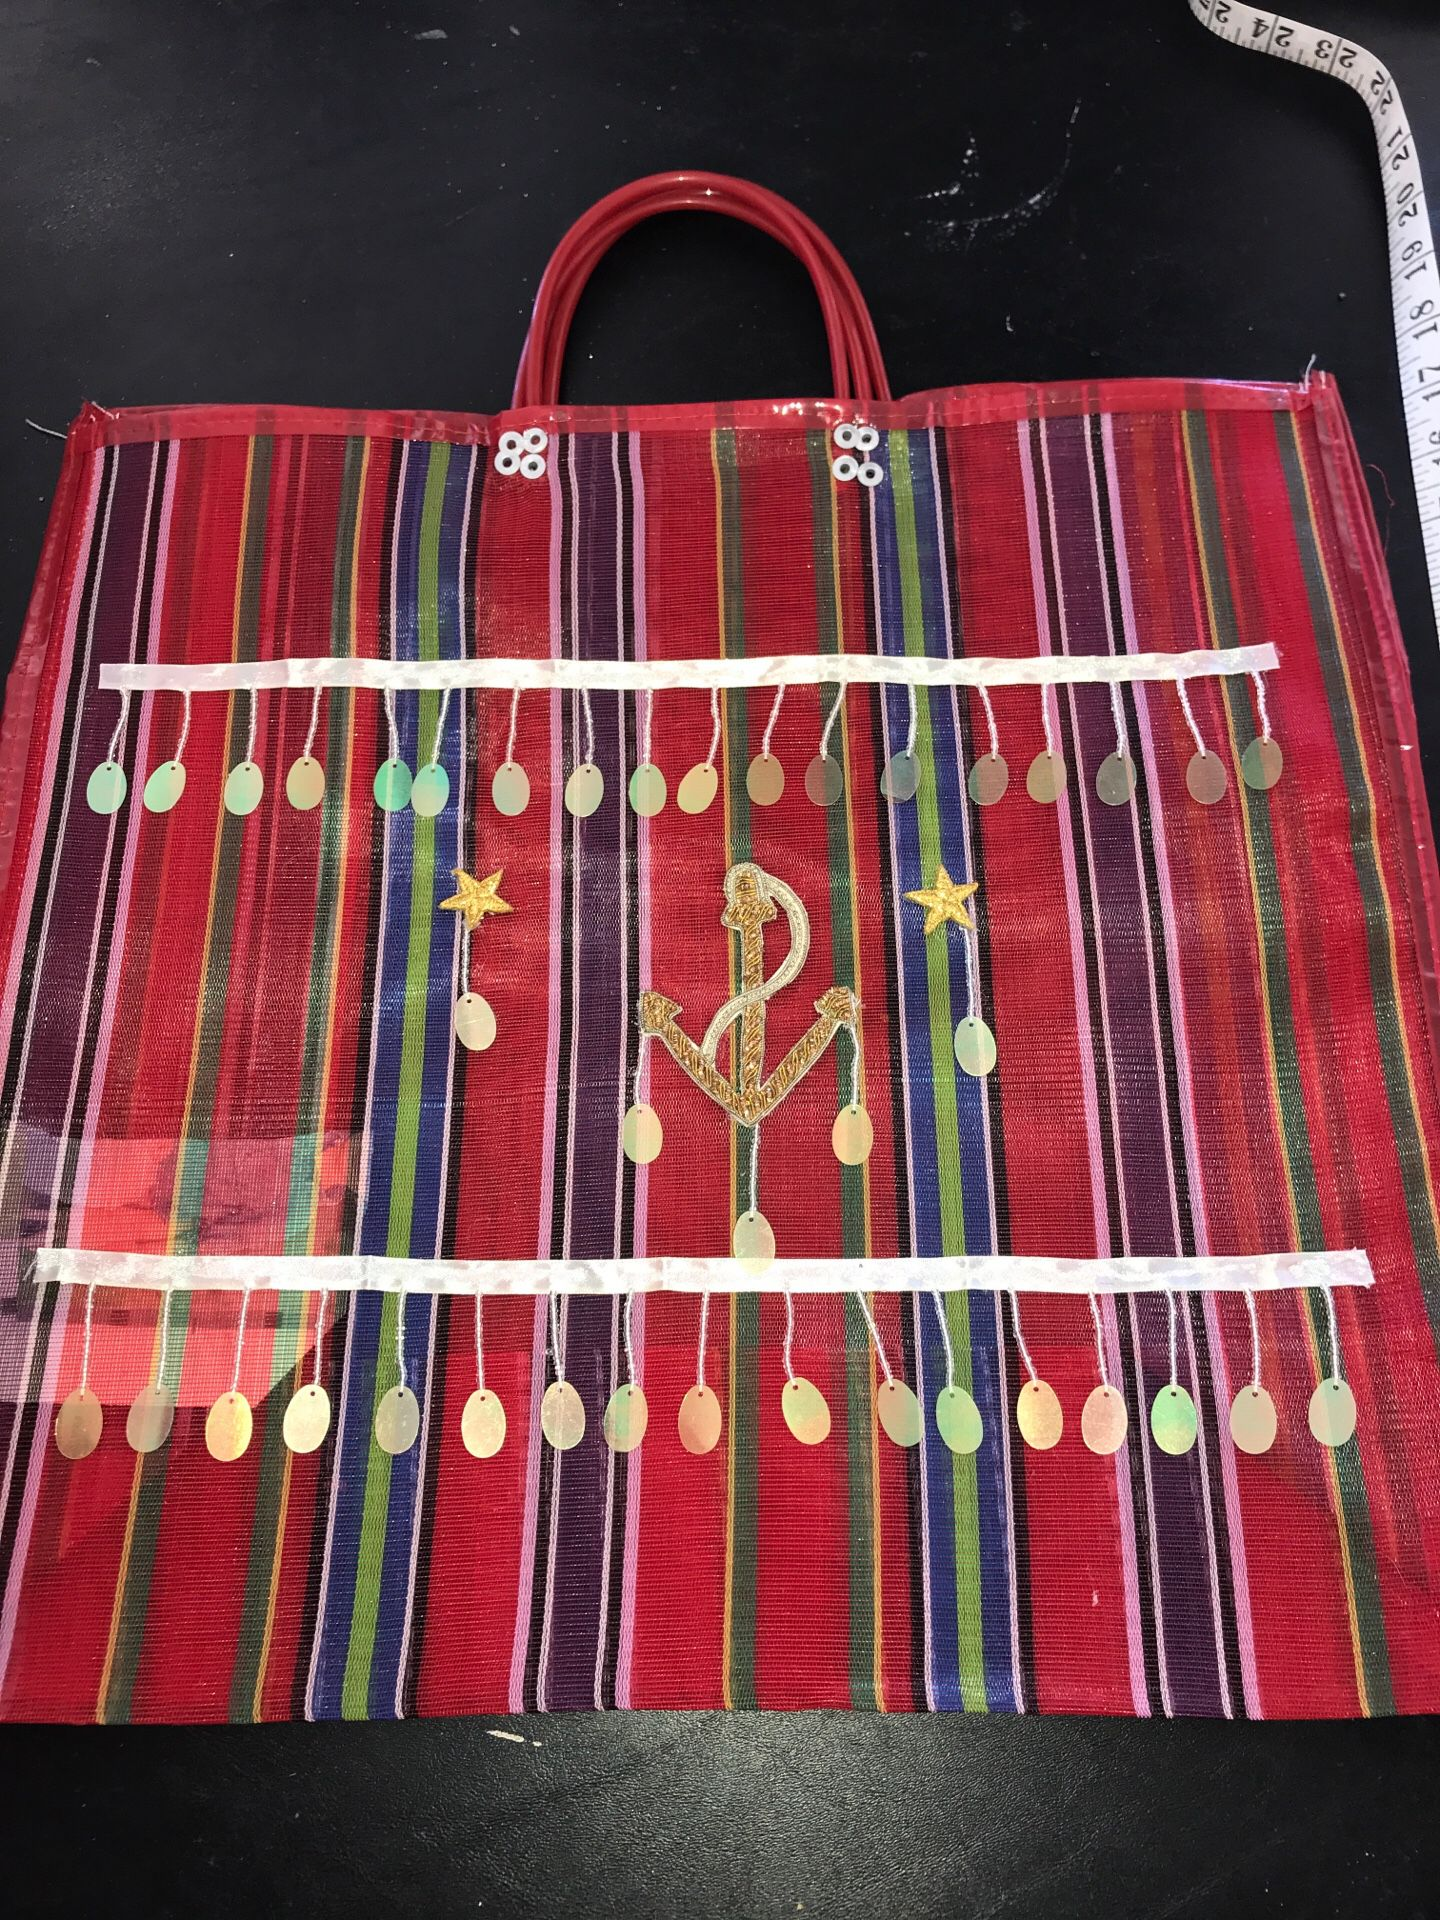 Beach bag or grocery store bag heavy duty waterproof